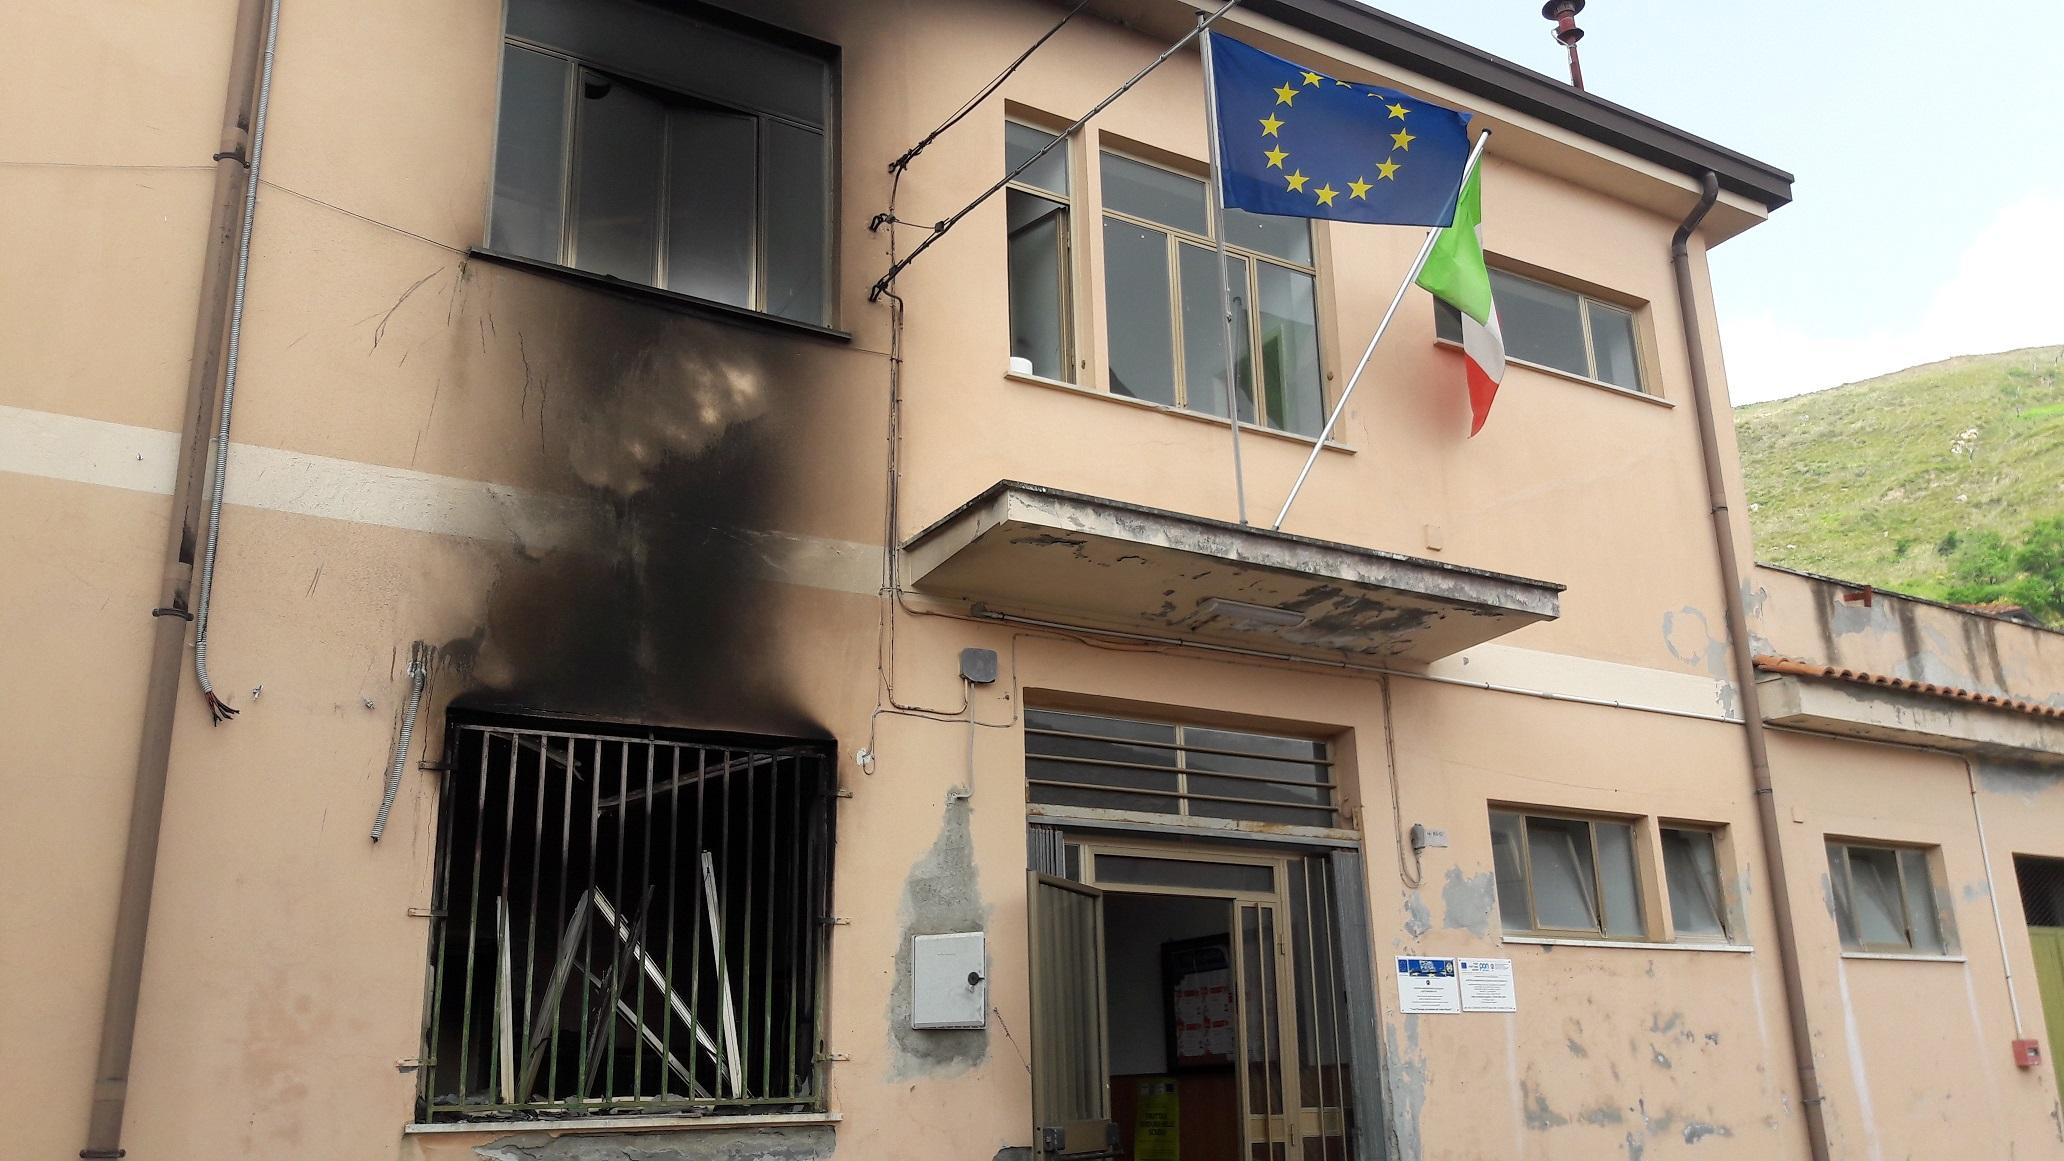 Incendio nei locali della scuola elementare e materna  Malviventi in azione nel Vibonese, danni ingenti